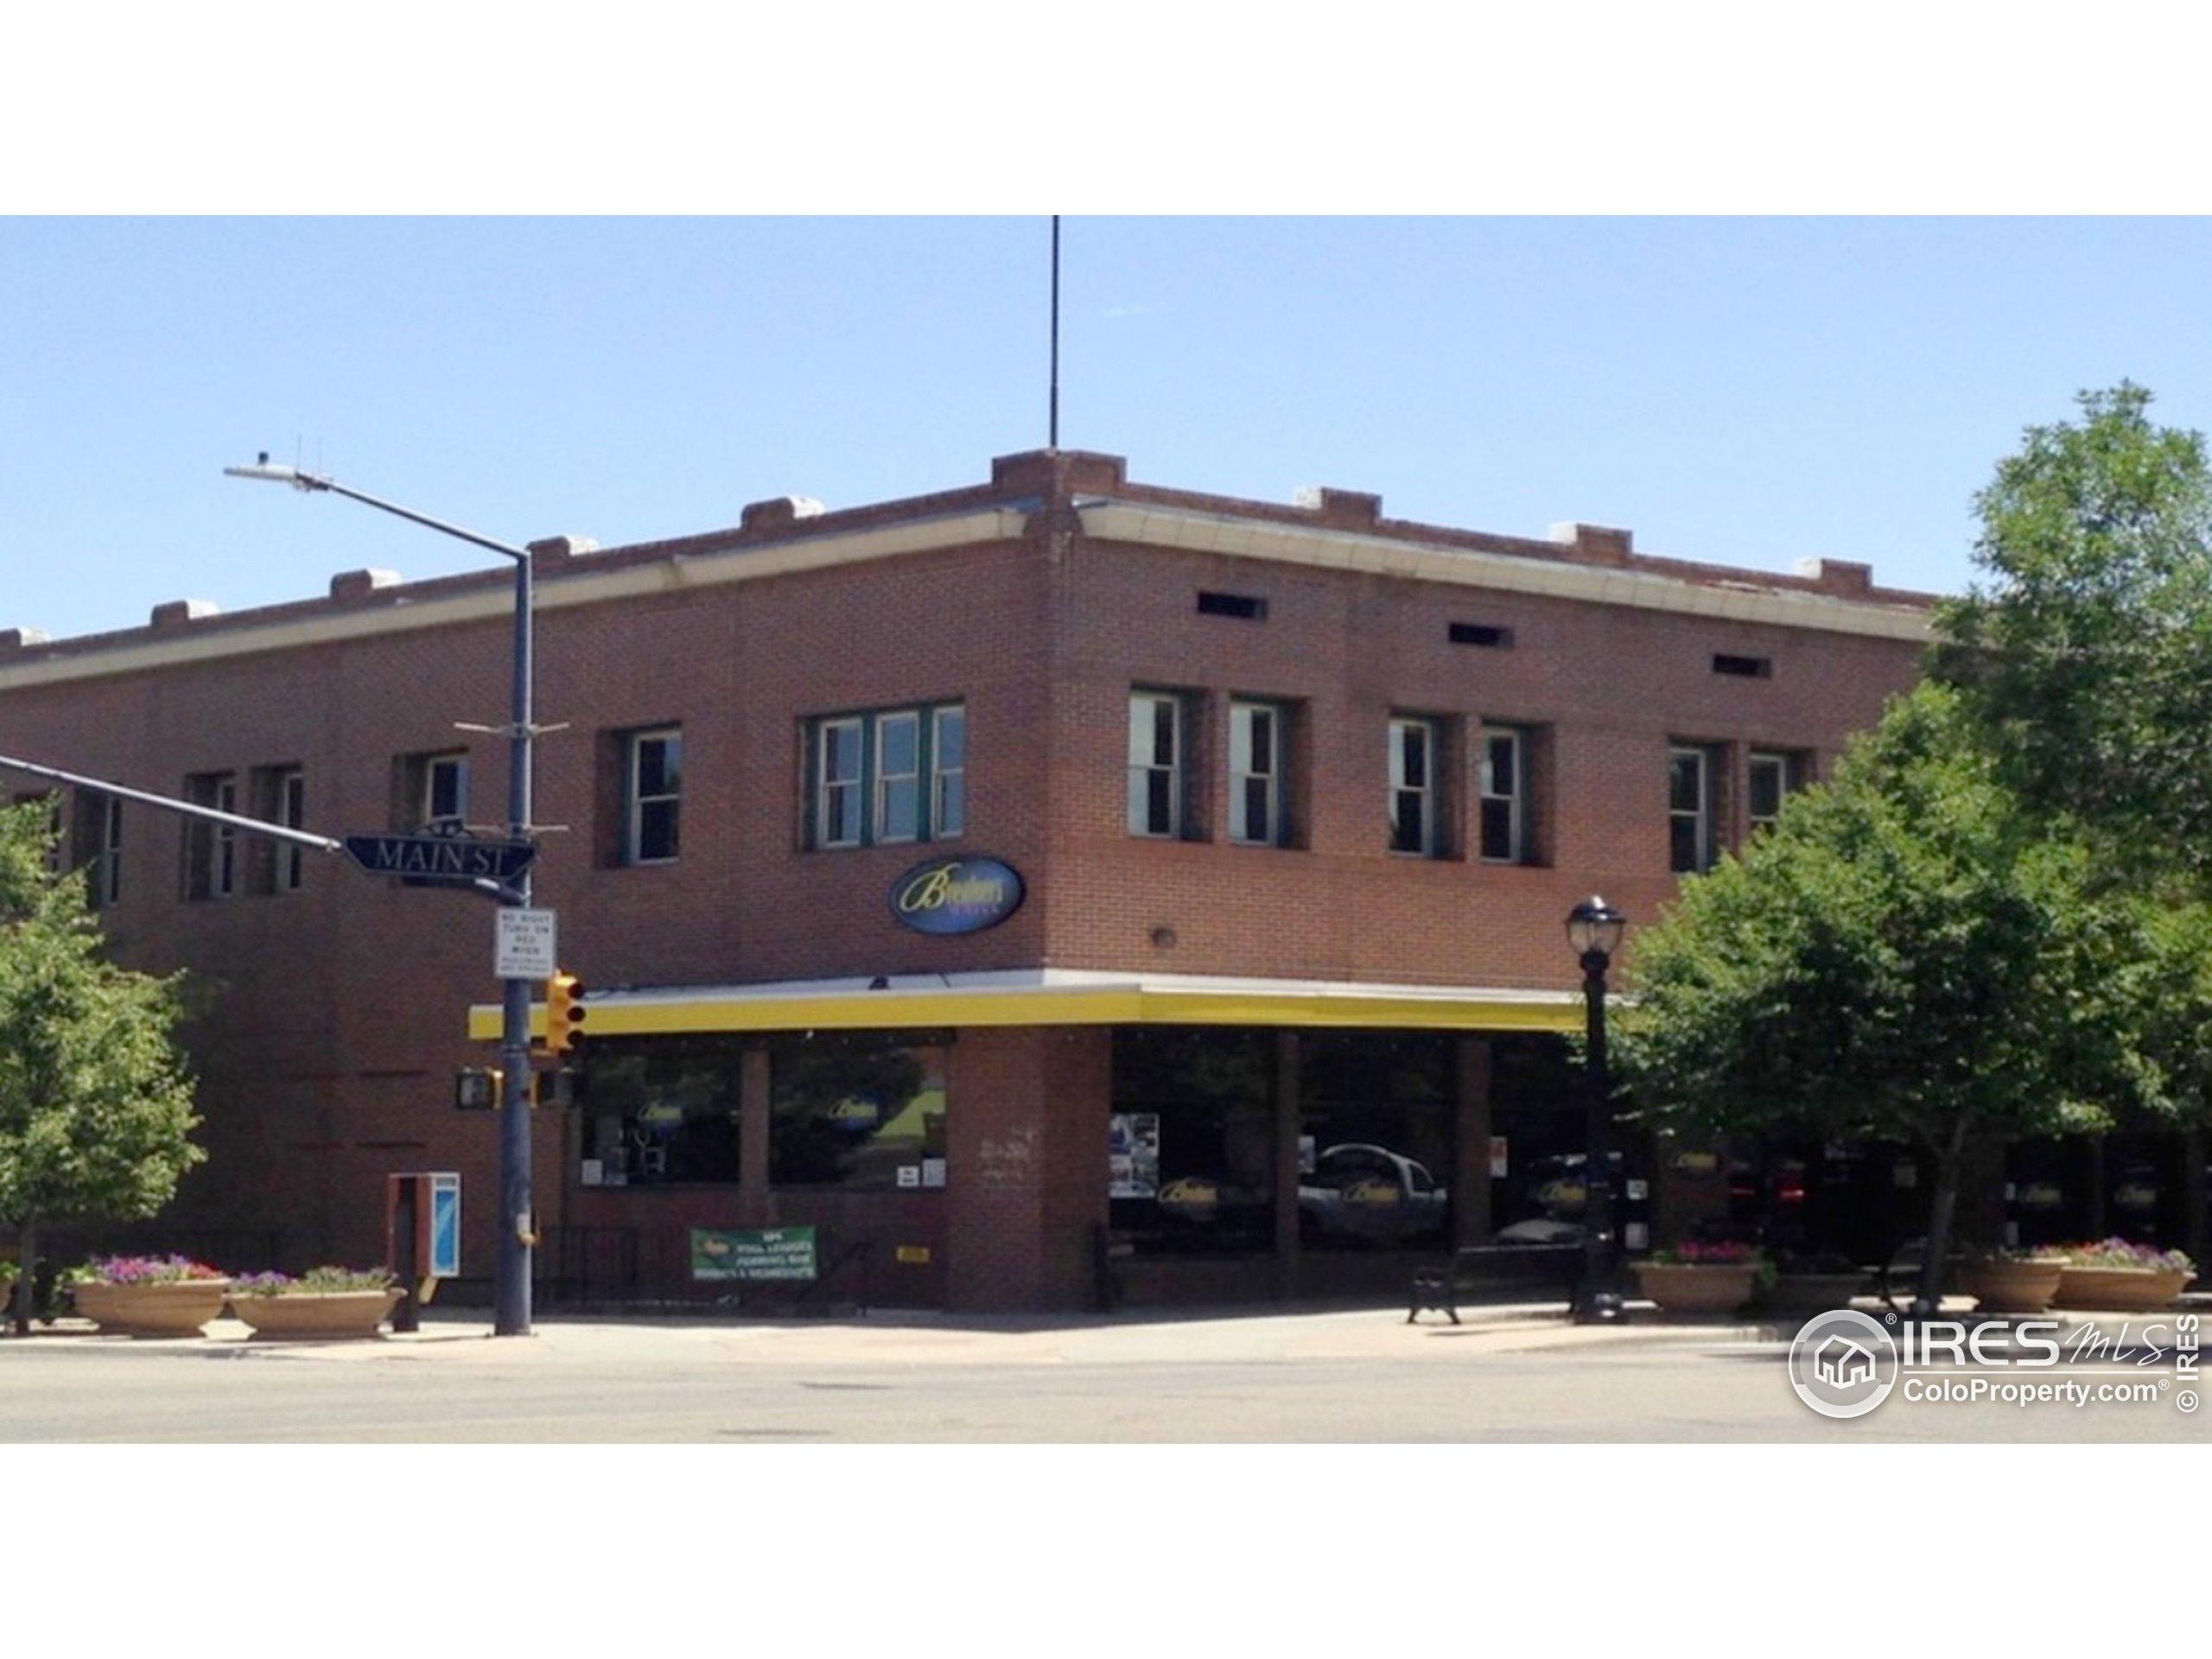 380 Main St 1st Floor, Longmont CO 80501